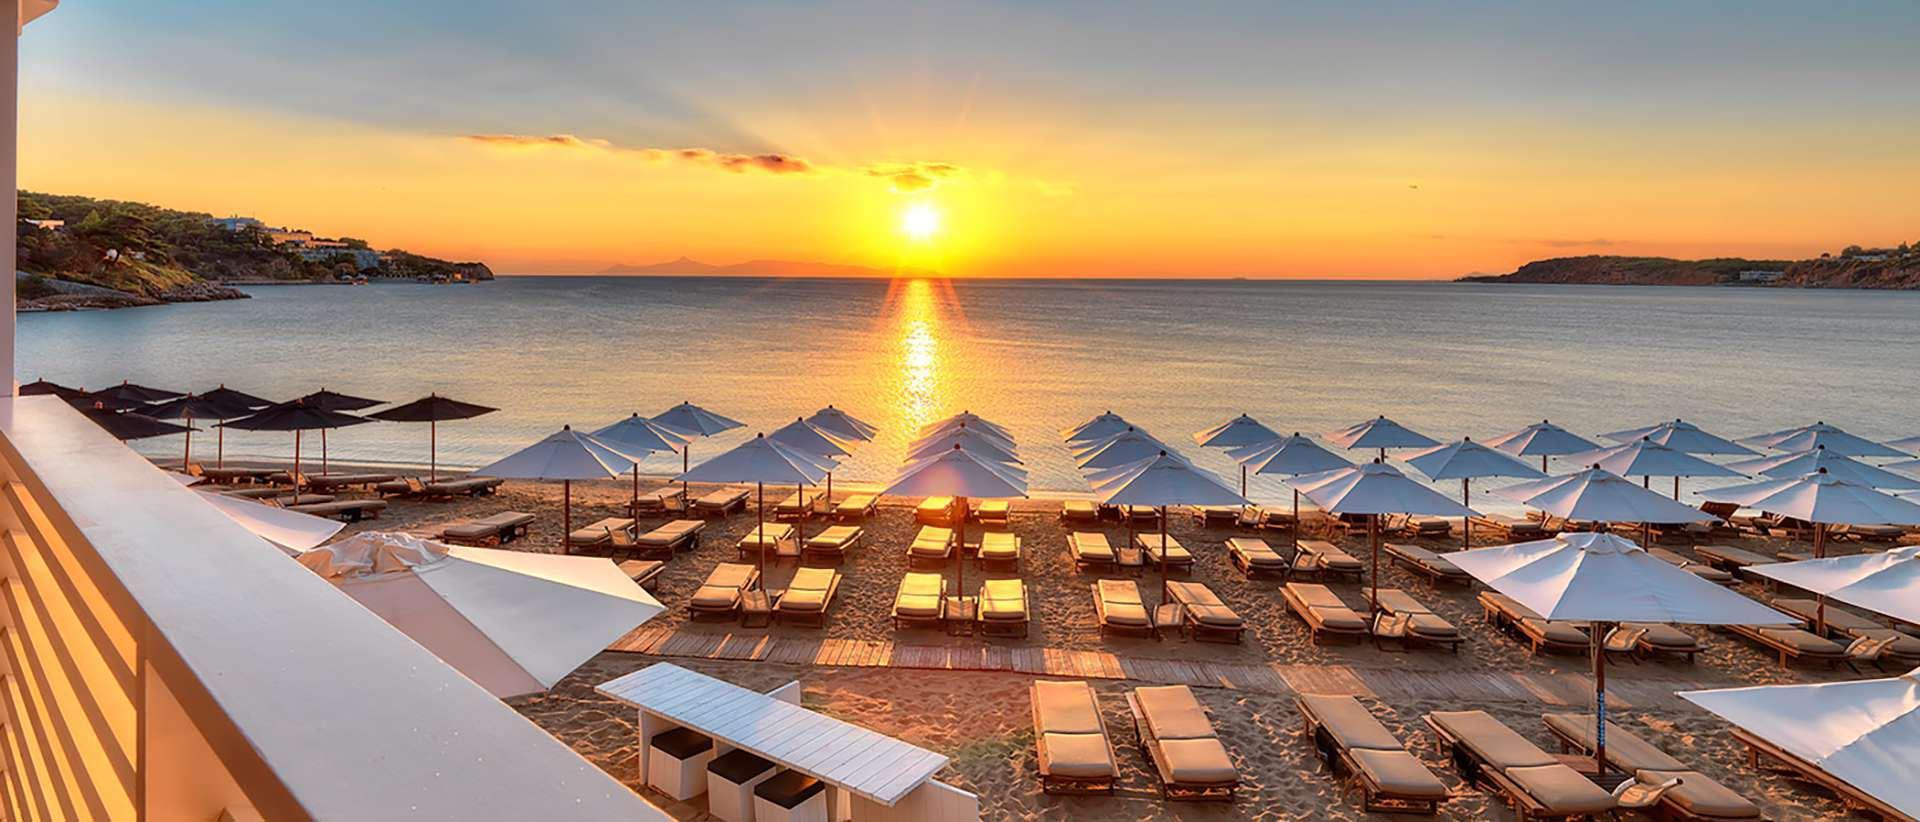 Απολαύστε μια μοναδική εμπειρία στην Astir Beach